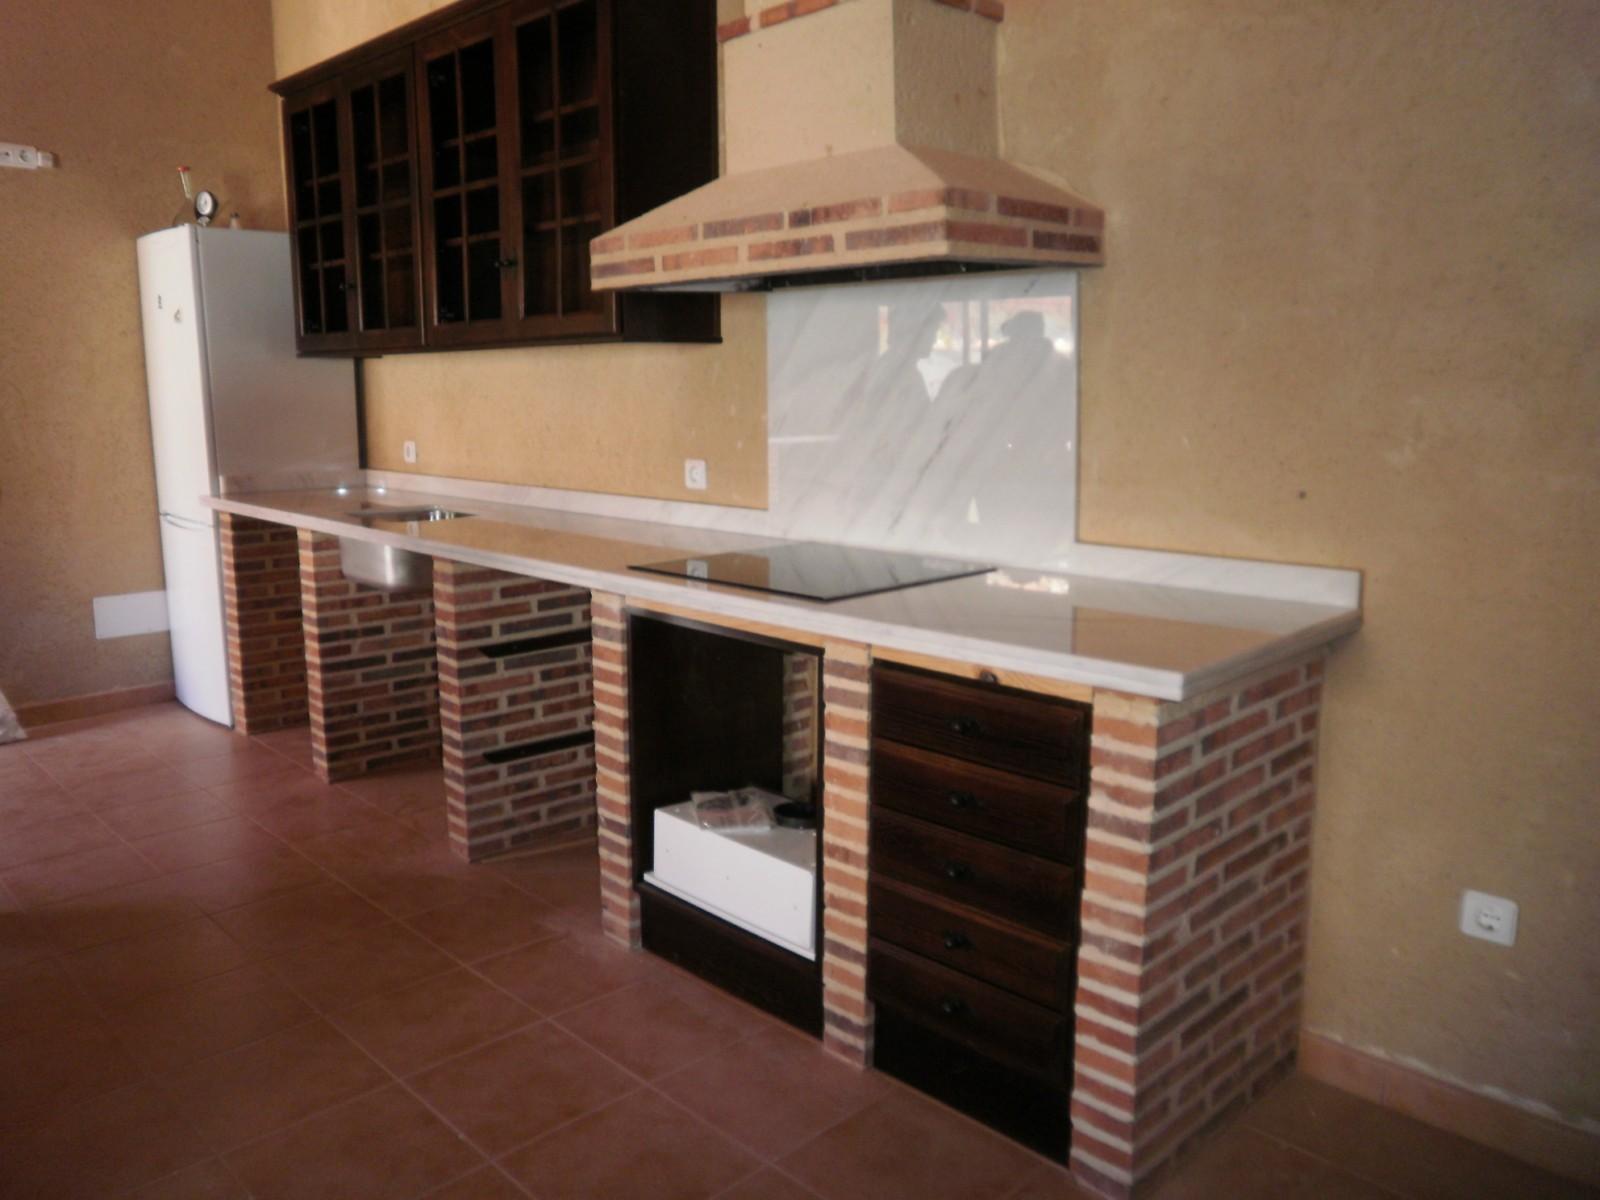 Encimeras De Cocina De Obra - Diseños Arquitectónicos - Mimasku.com